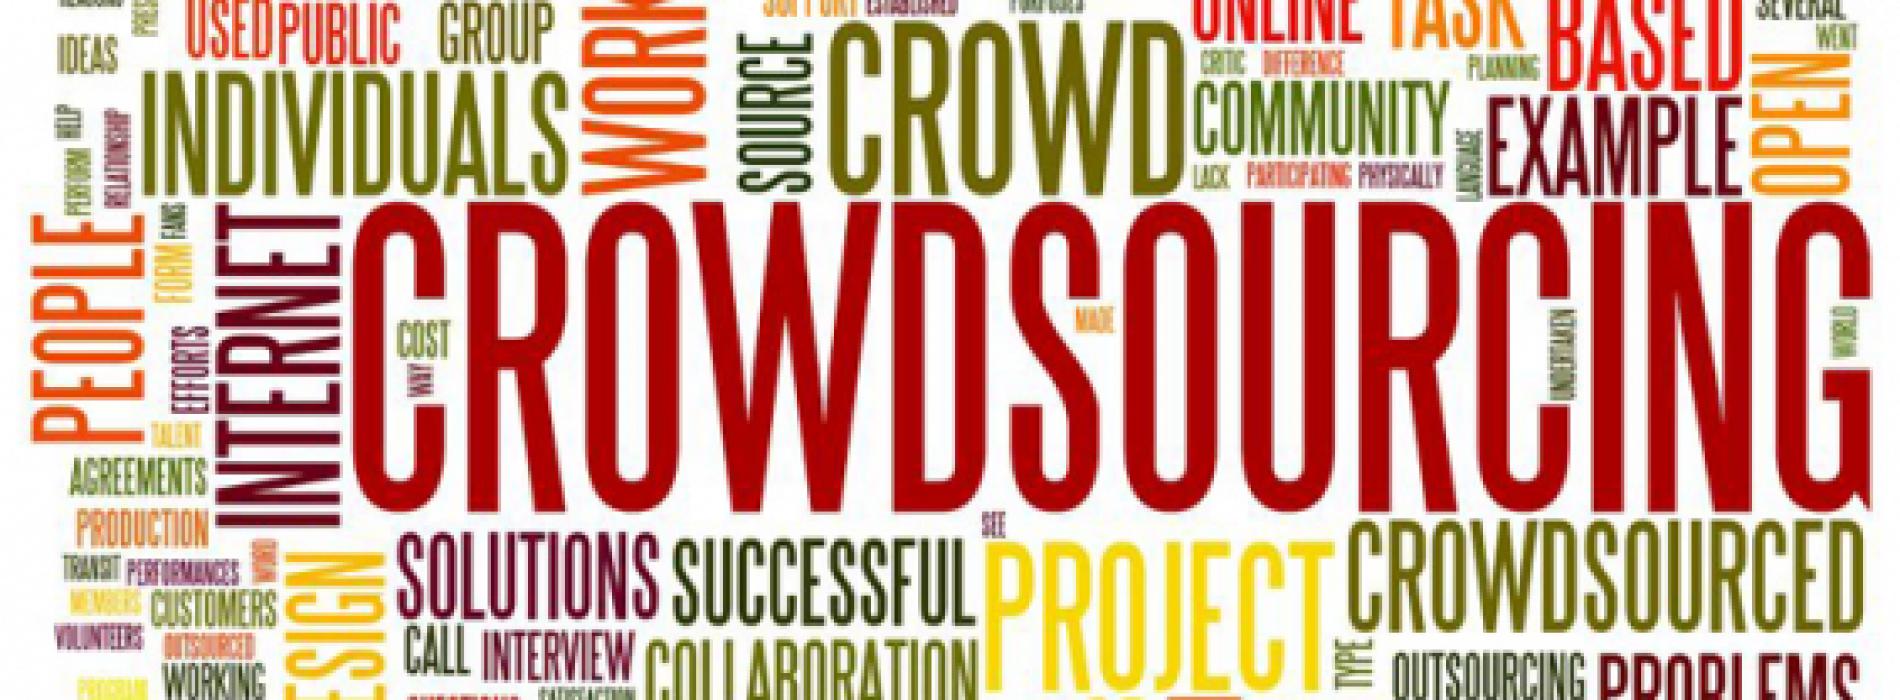 Czym jest crowdsourcing?